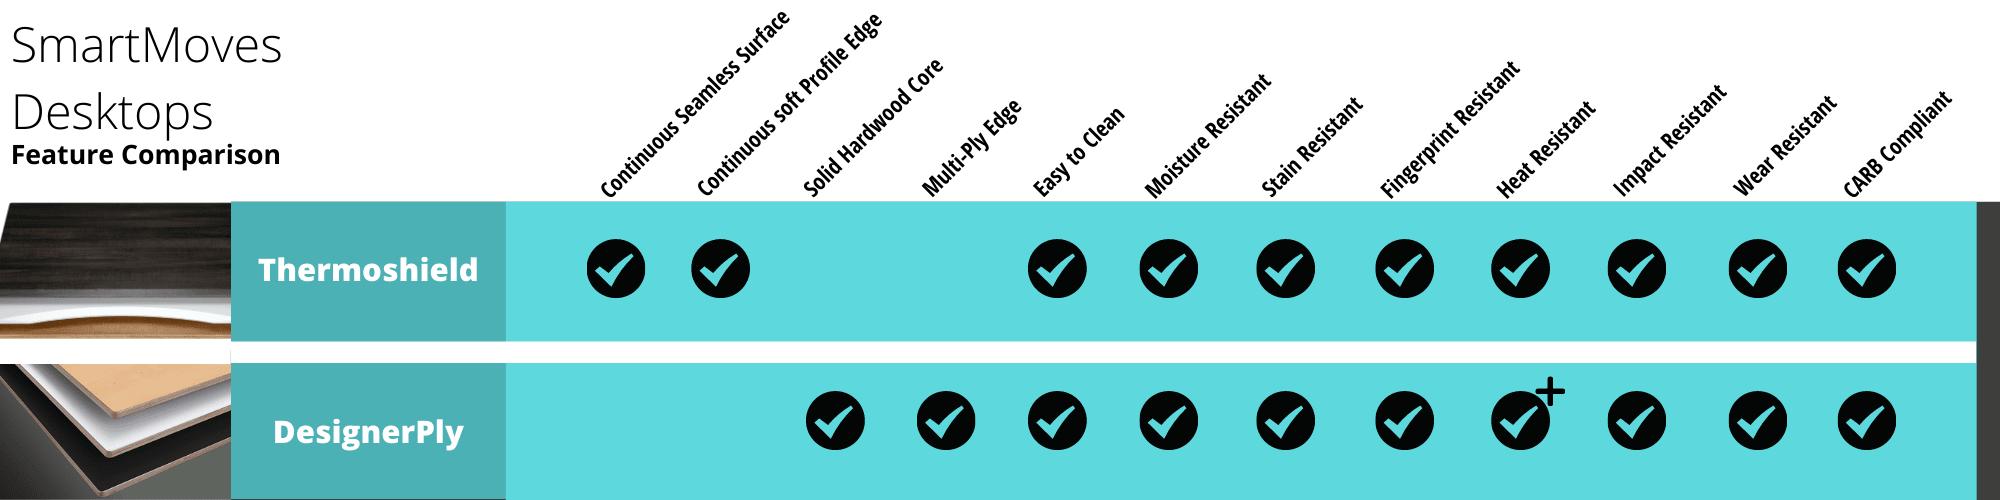 Thermosheild™ and DesignerPly Comparison Chart